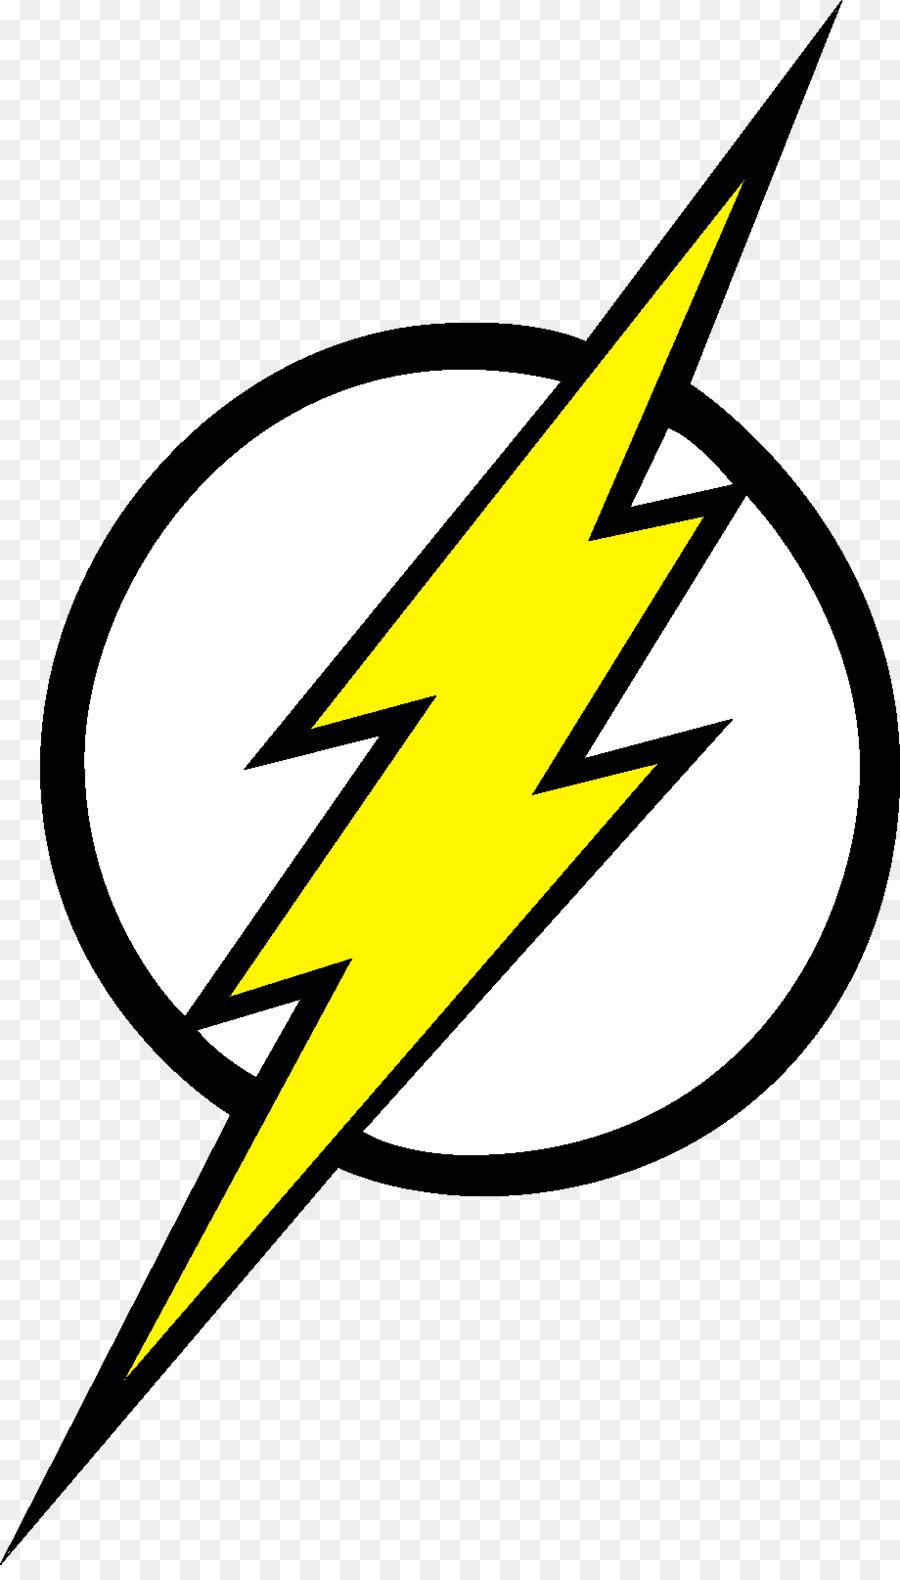 El Flash Batman Wally West libro para Colorear - Flash png dibujo ...